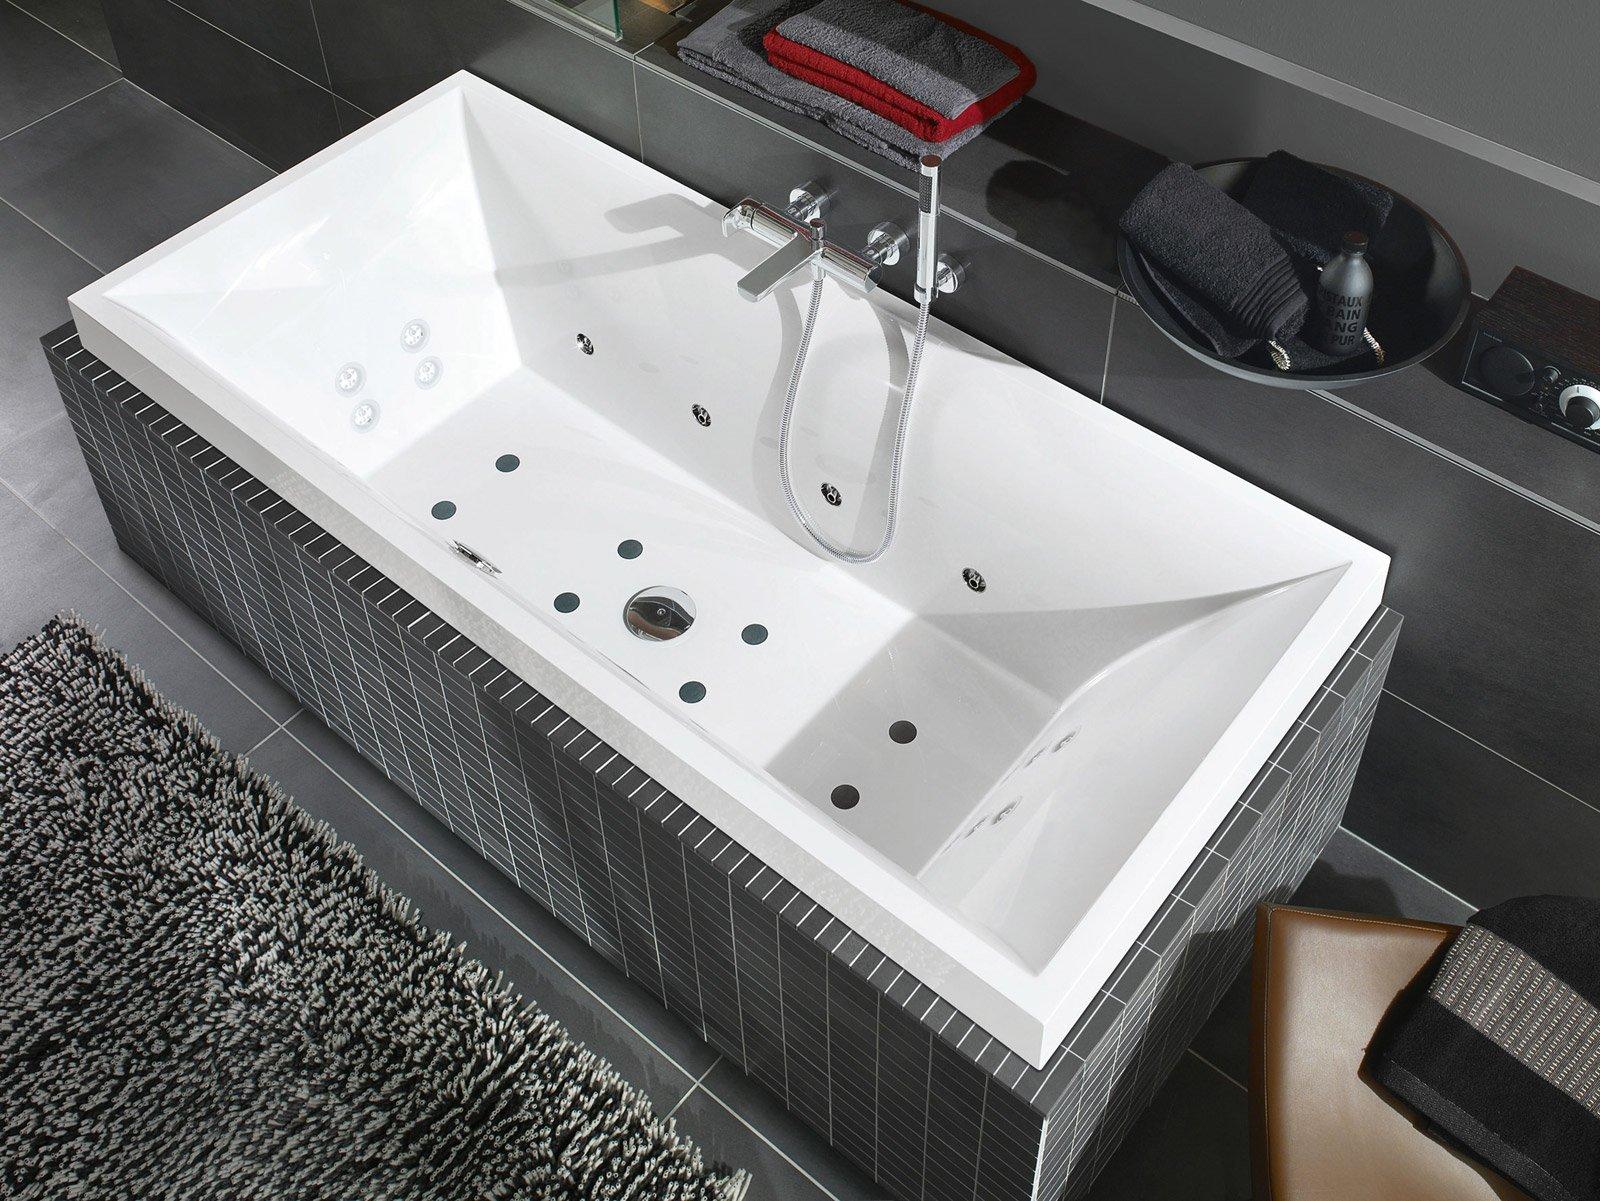 Vasca Da Bagno Villeroy Boch Prezzi : Vasca da bagno villeroy boch vasche vasca oberon da villeroy boch